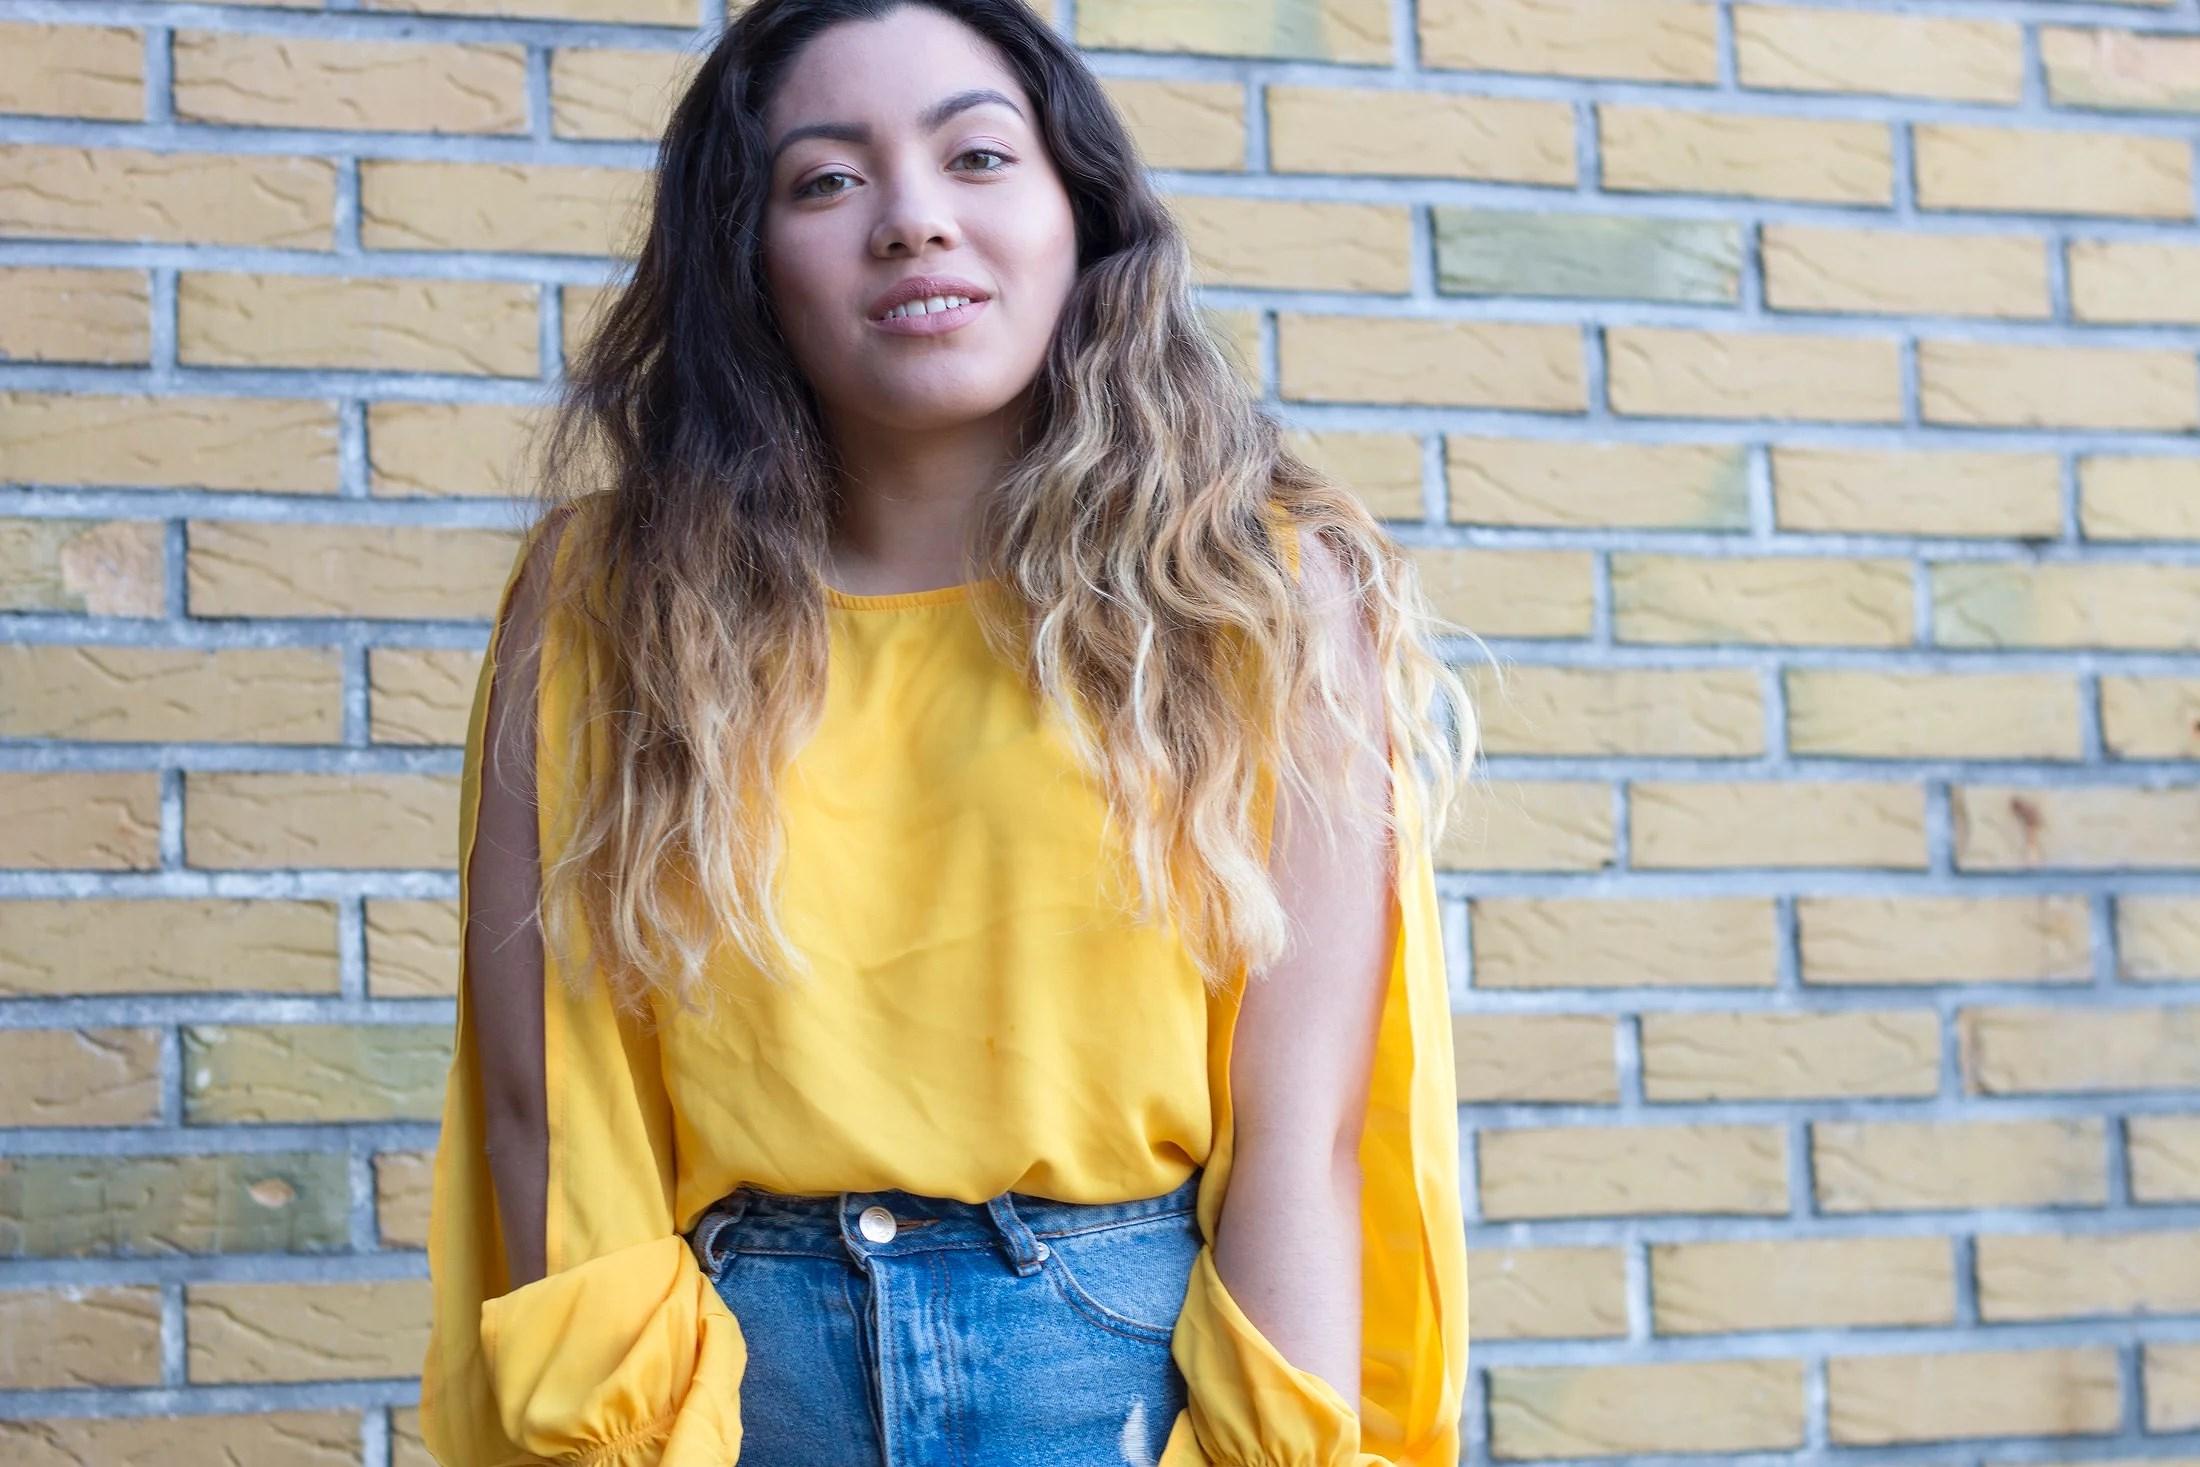 Yellow brick & Denim skirt